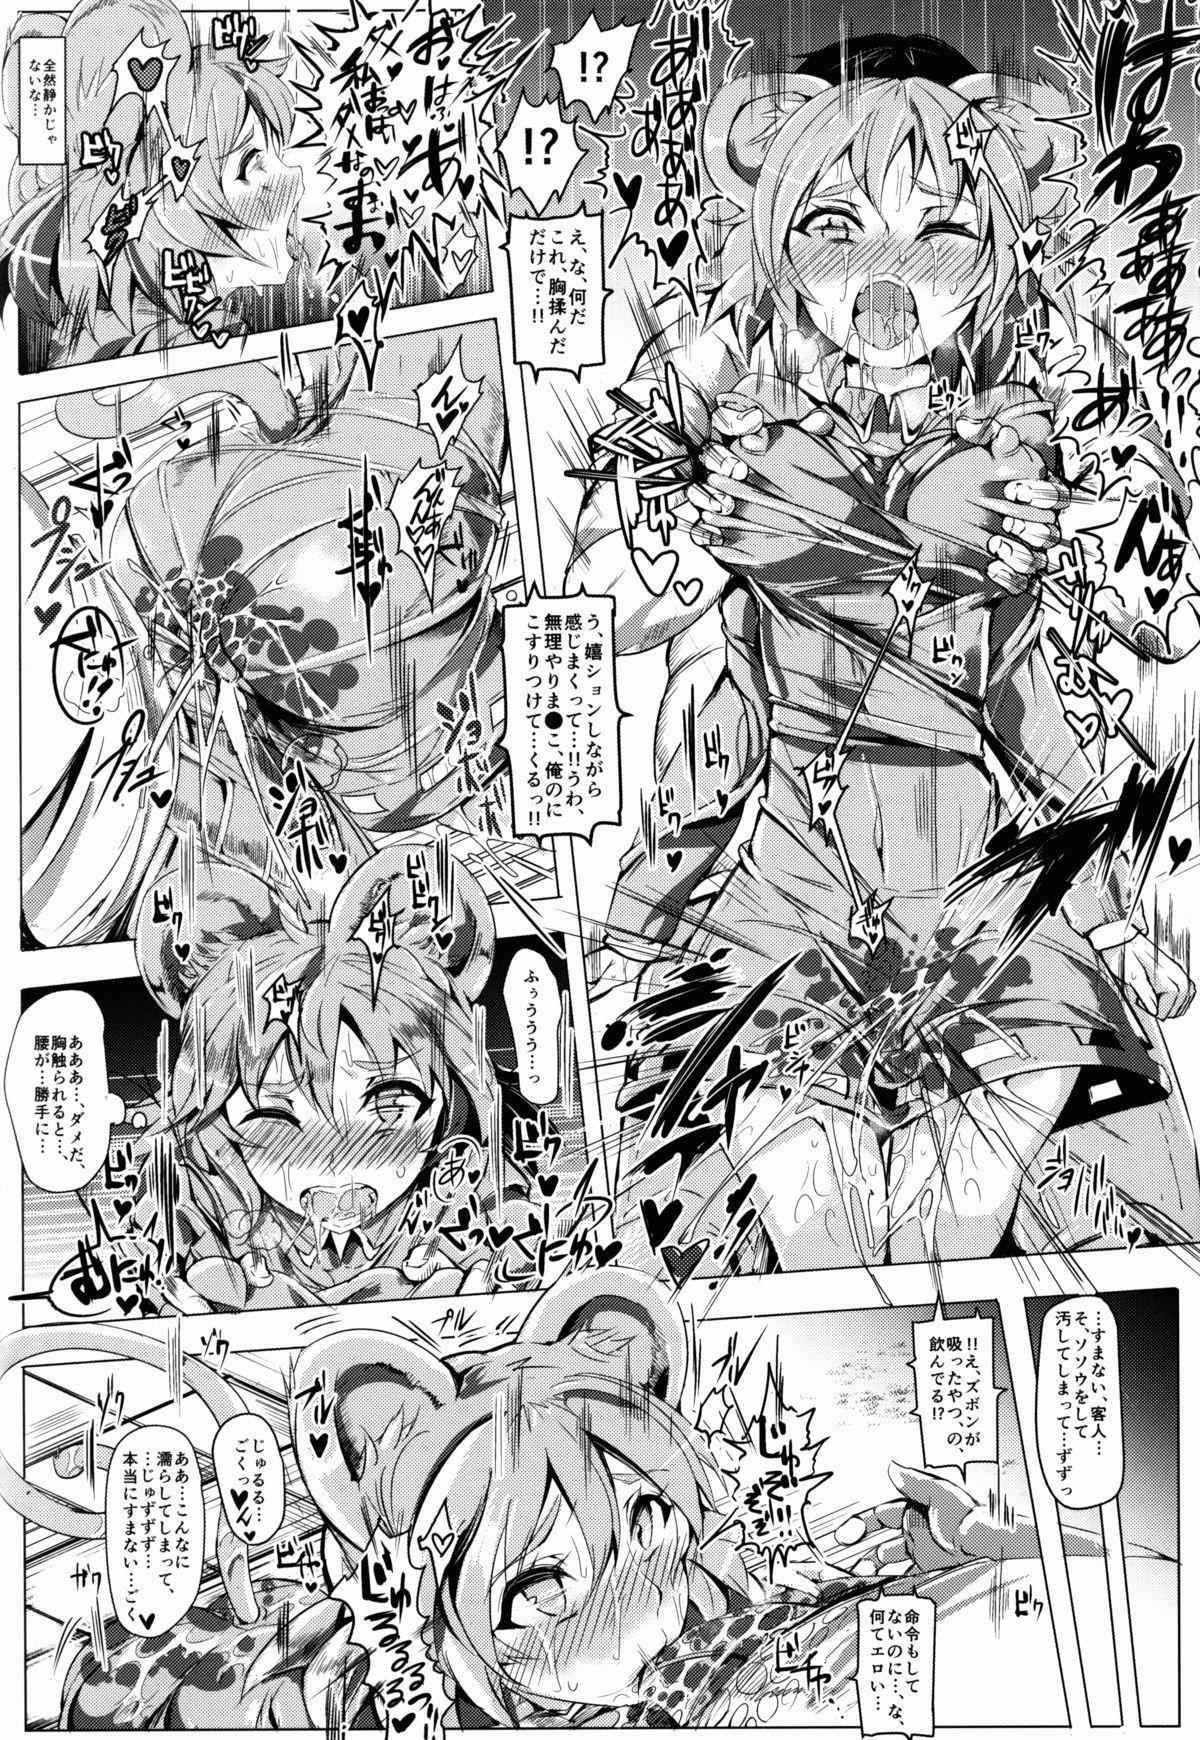 Oidemase!! Jiyuu Fuuzoku Gensoukyou Nihaku Mikka no Tabi - Kisaragi 13